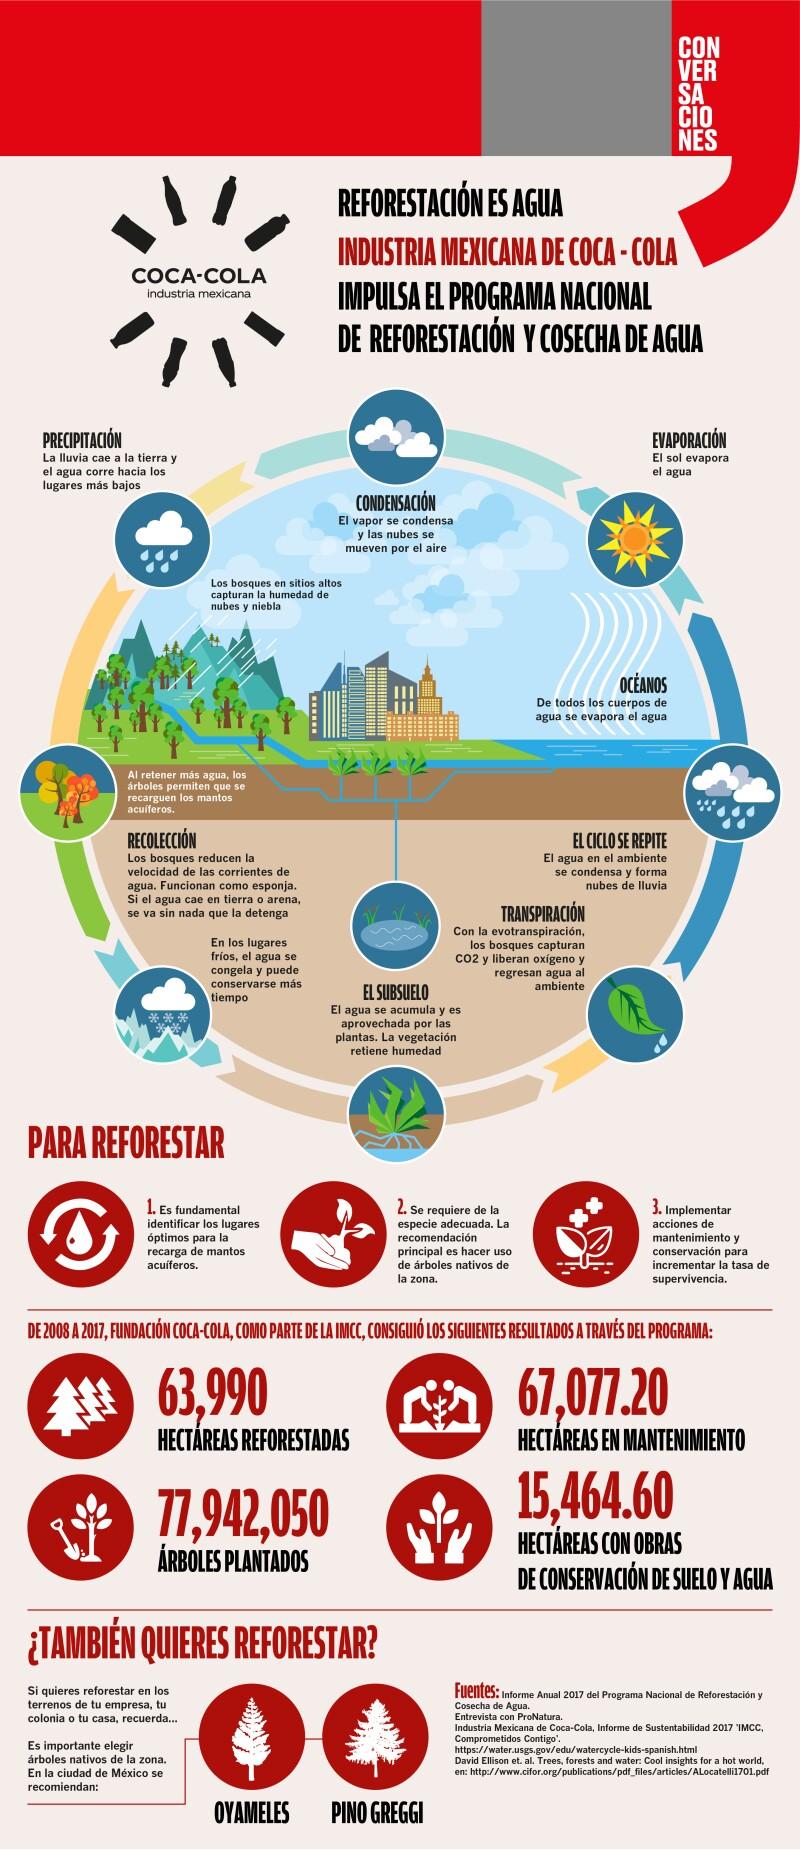 Reforestación es agua